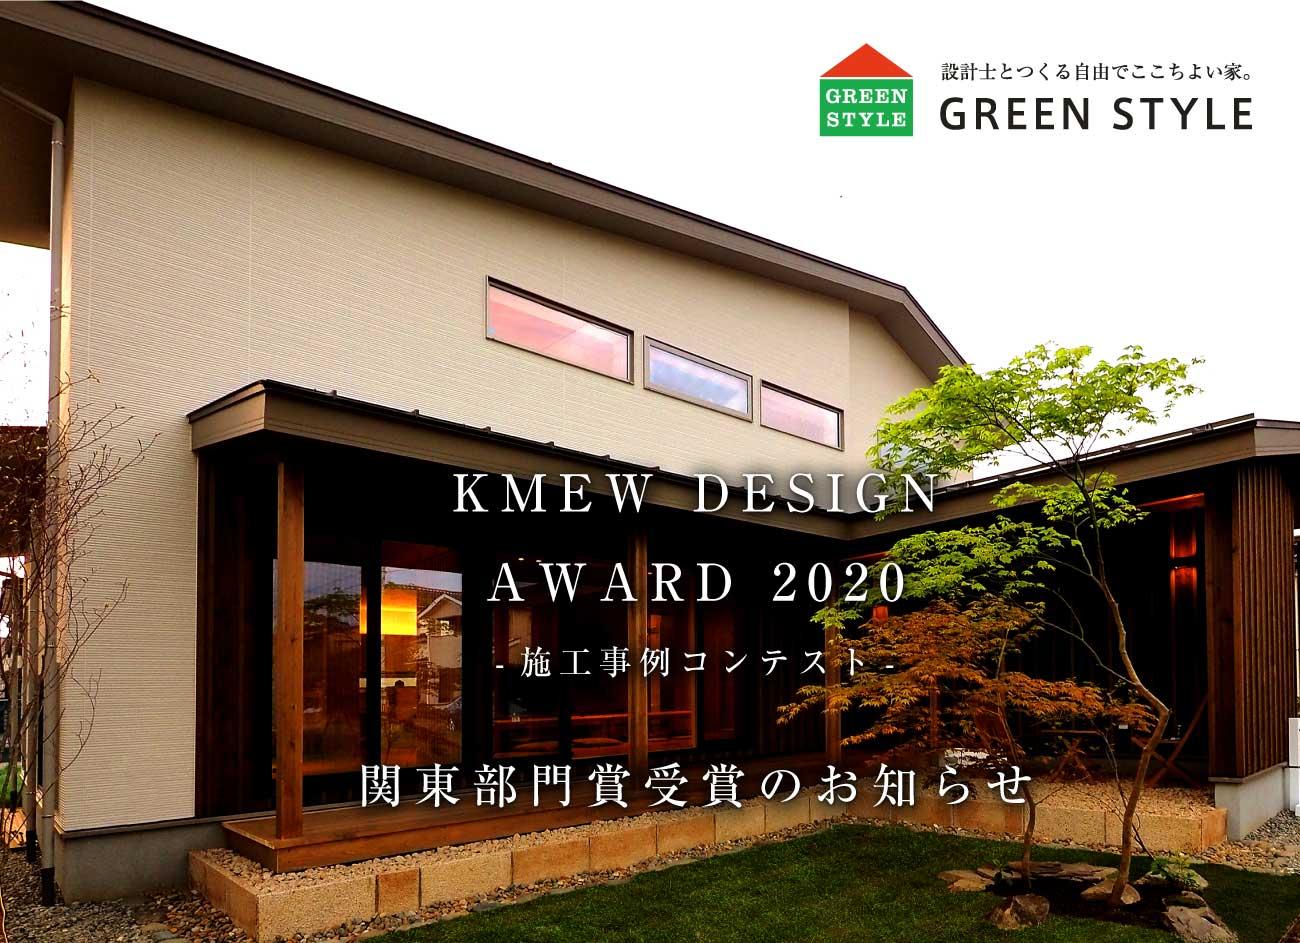 ケイミューデザインアワード2020関東部門受賞のお知らせ-長岡モデルハウス-ここが、家族の実家